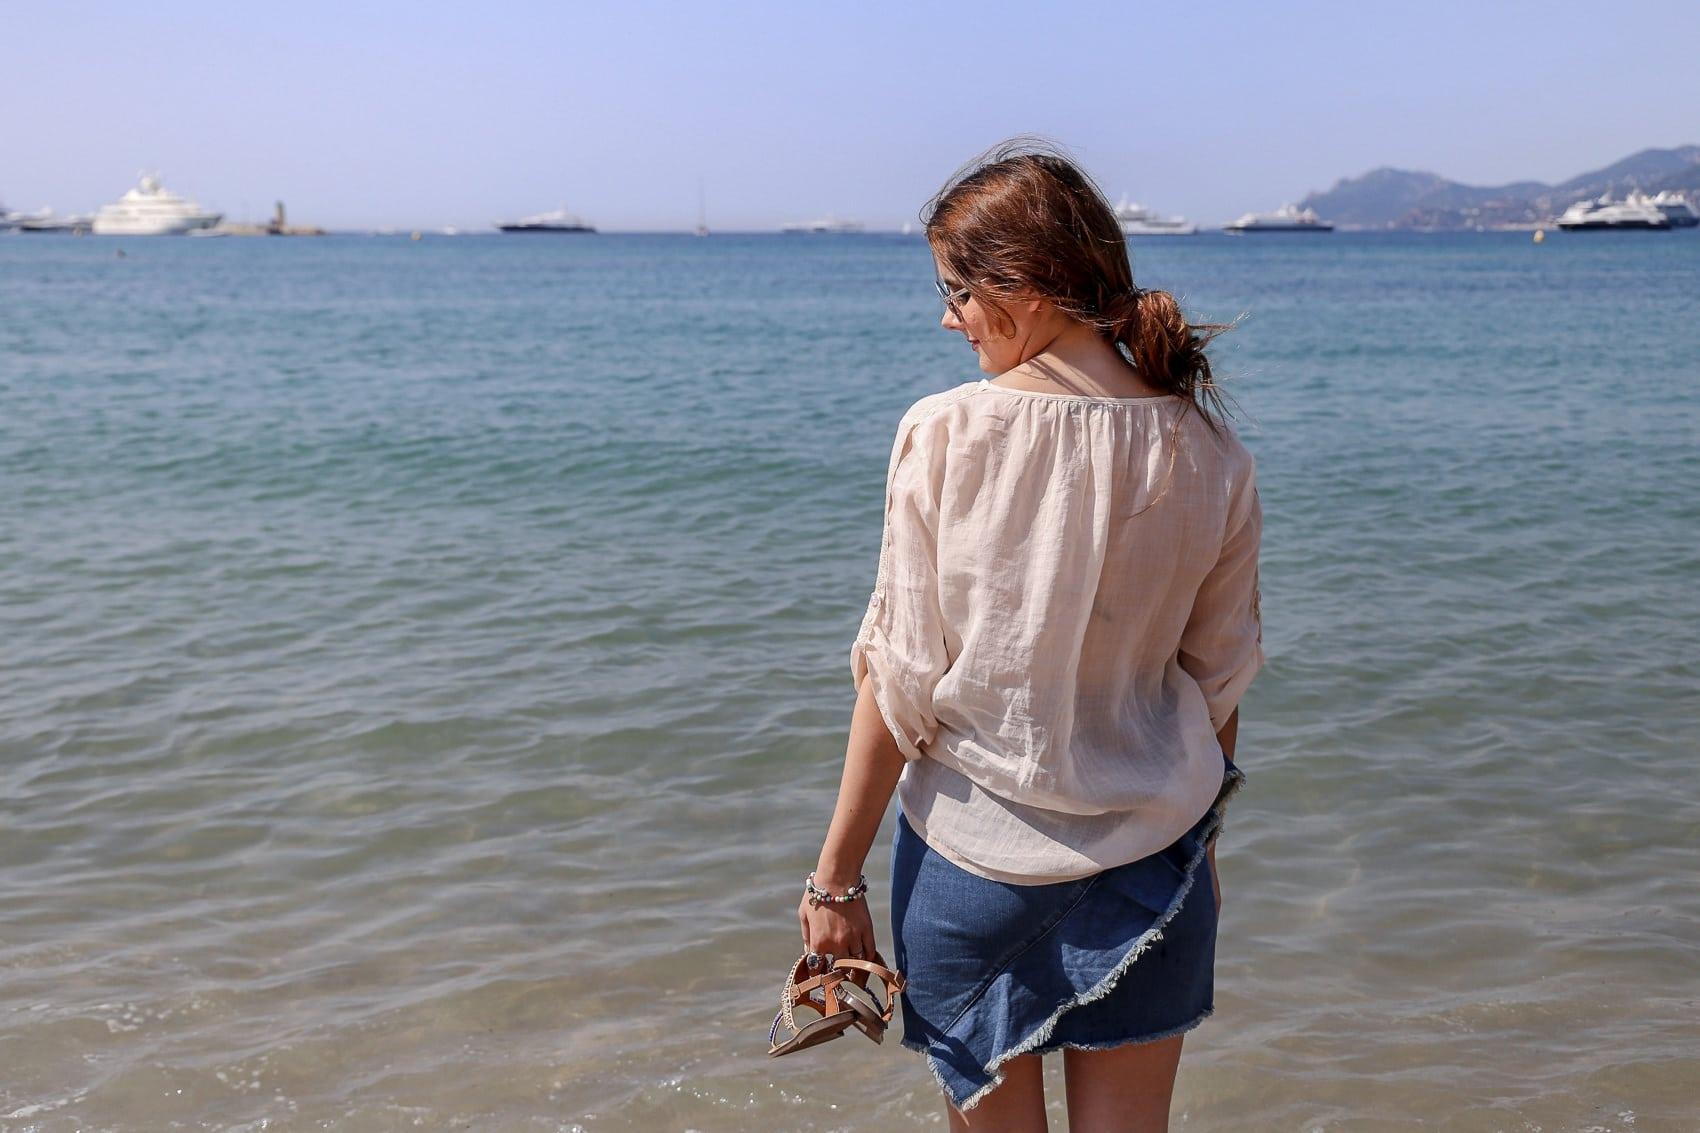 Filmfestspiele in Cannes - Entspannter Strandlook an der Cote d'Azur